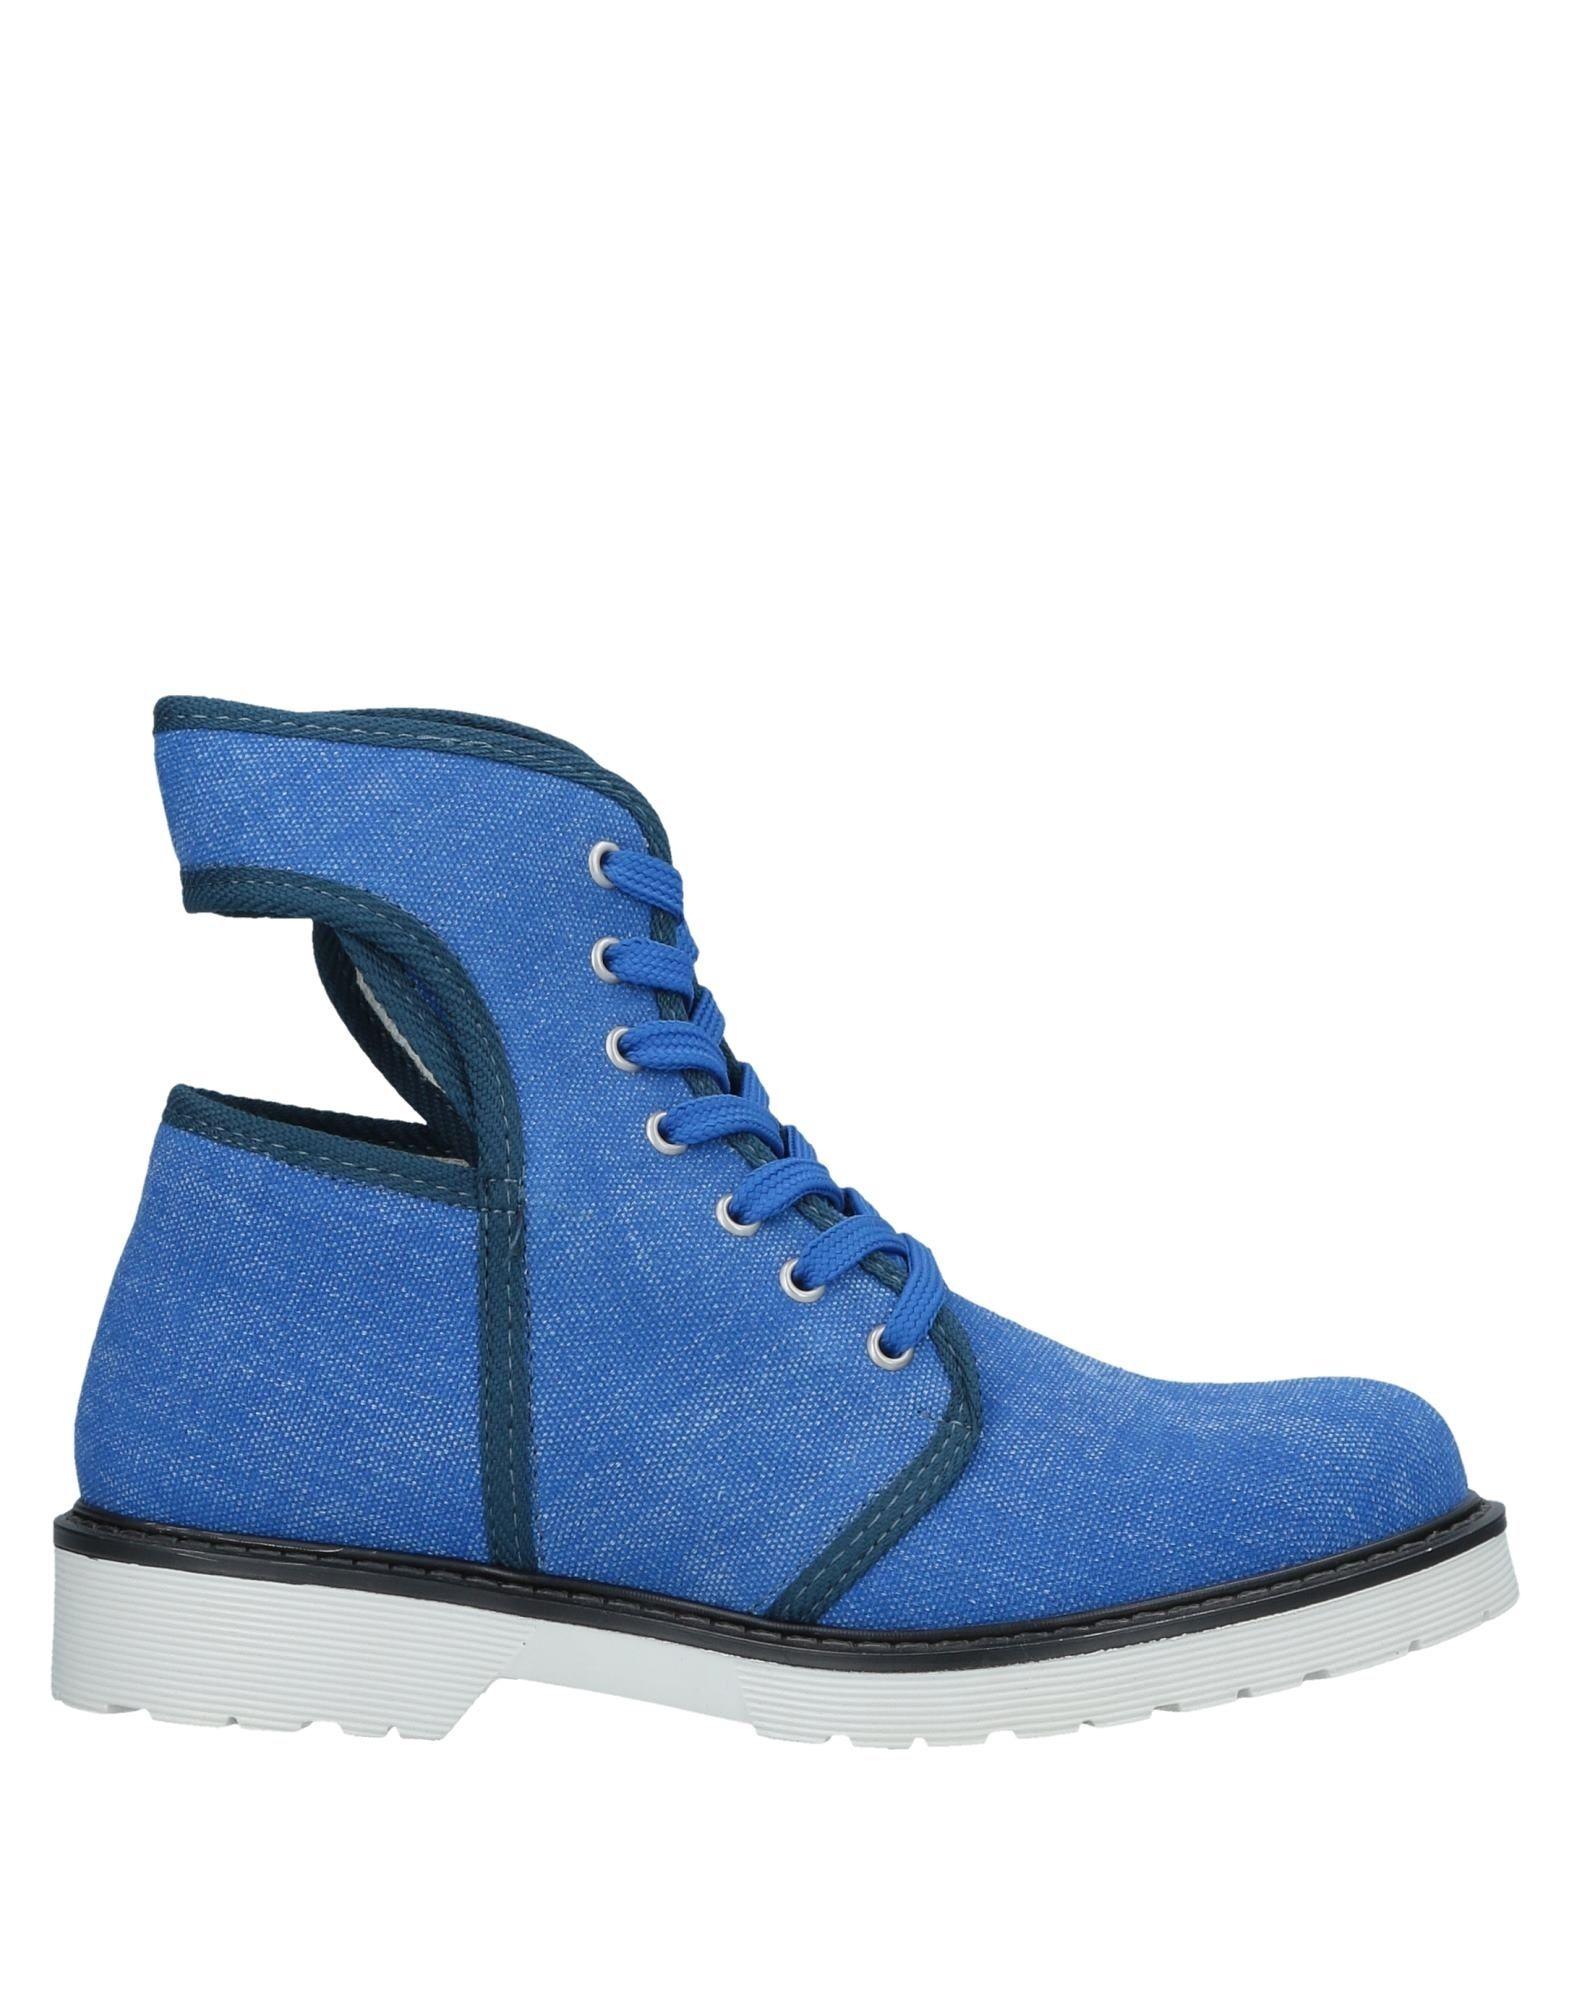 Tipe Tipe Tipe E Tacchi Stiefelette Damen  11532882XA Gute Qualität beliebte Schuhe 26d8cb